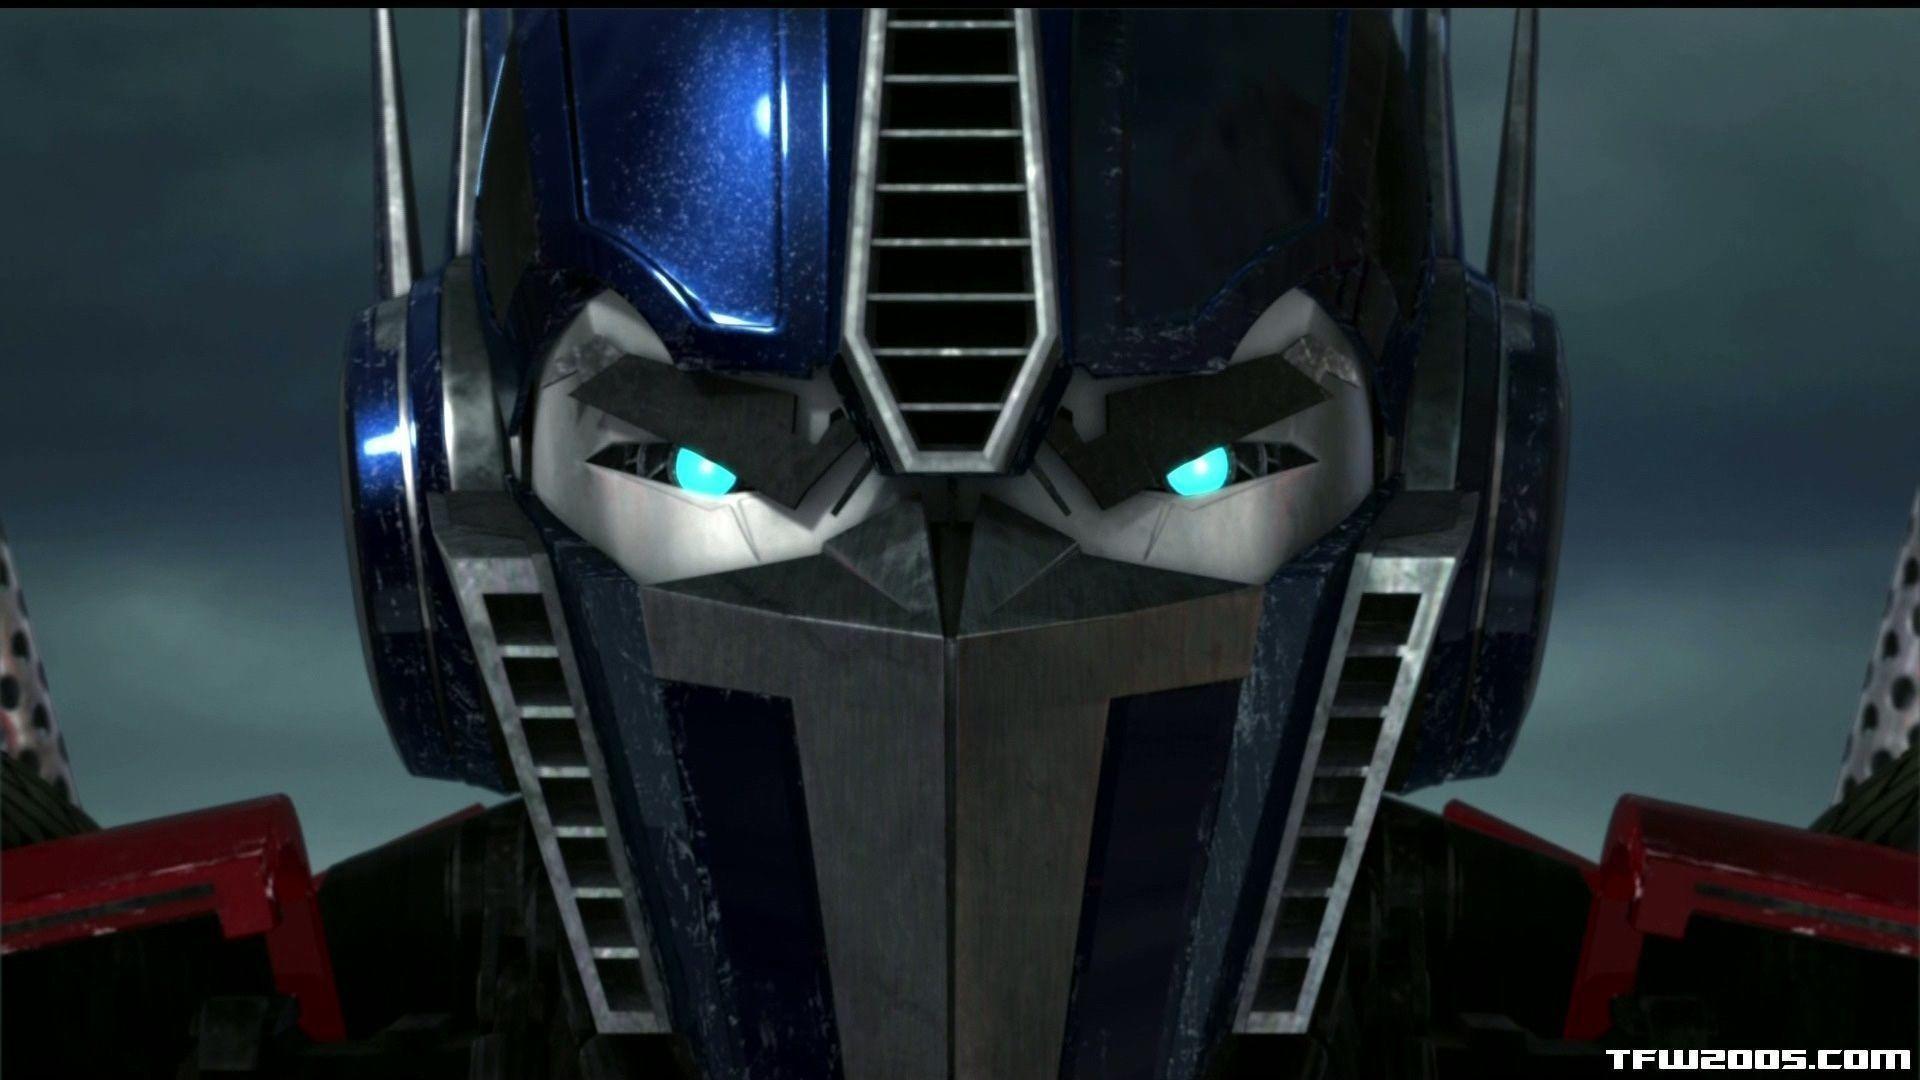 optimus prime transformers 1440×900 hd wallpaper optimus prime .